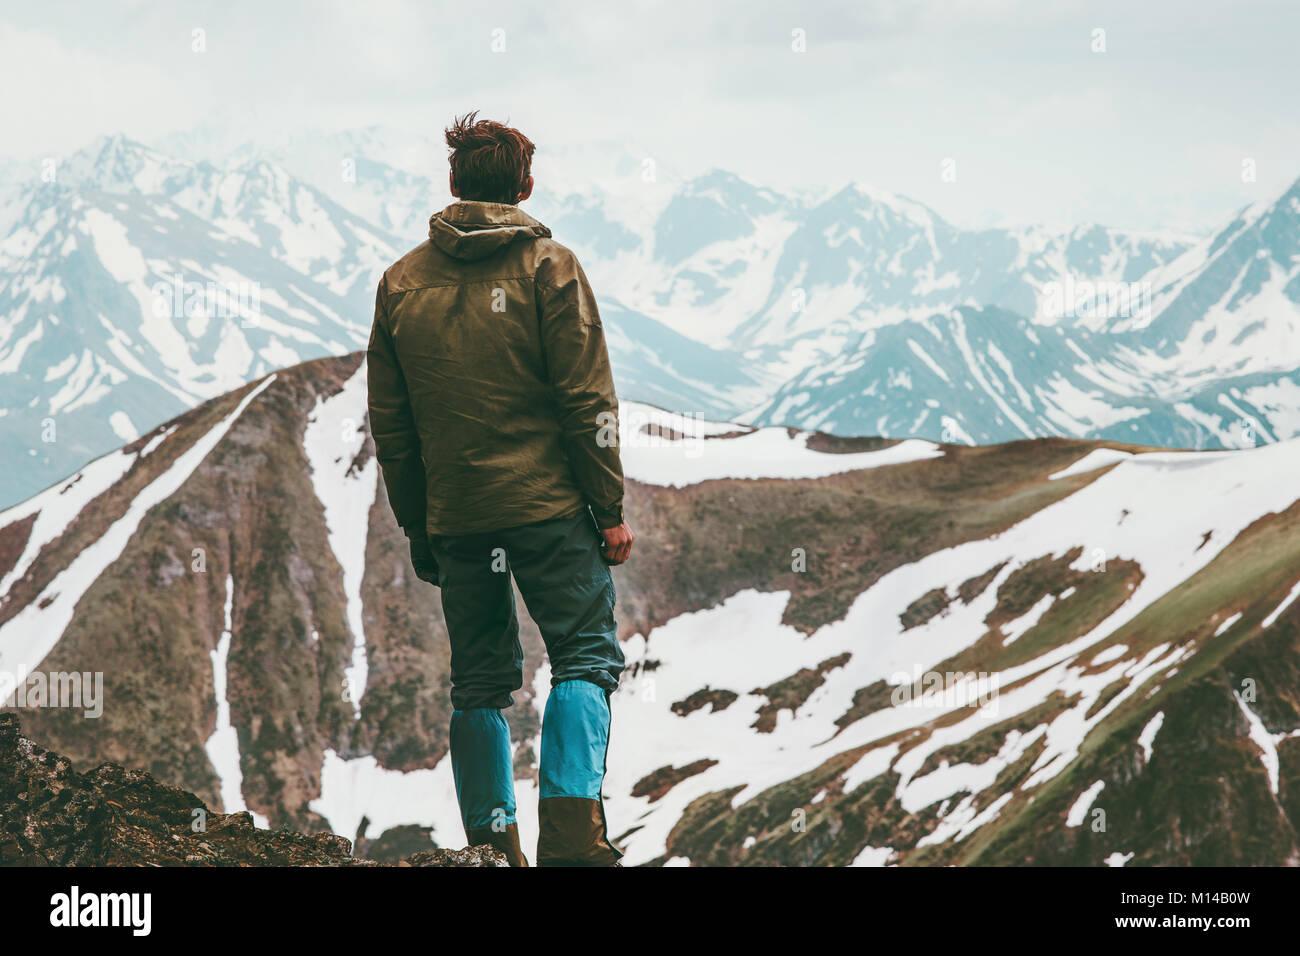 Kletterer Mann erreicht Gipfel Reisen Lifestyle Konzept Reisende genießen Landschaft Aktivität im Freien Stockbild